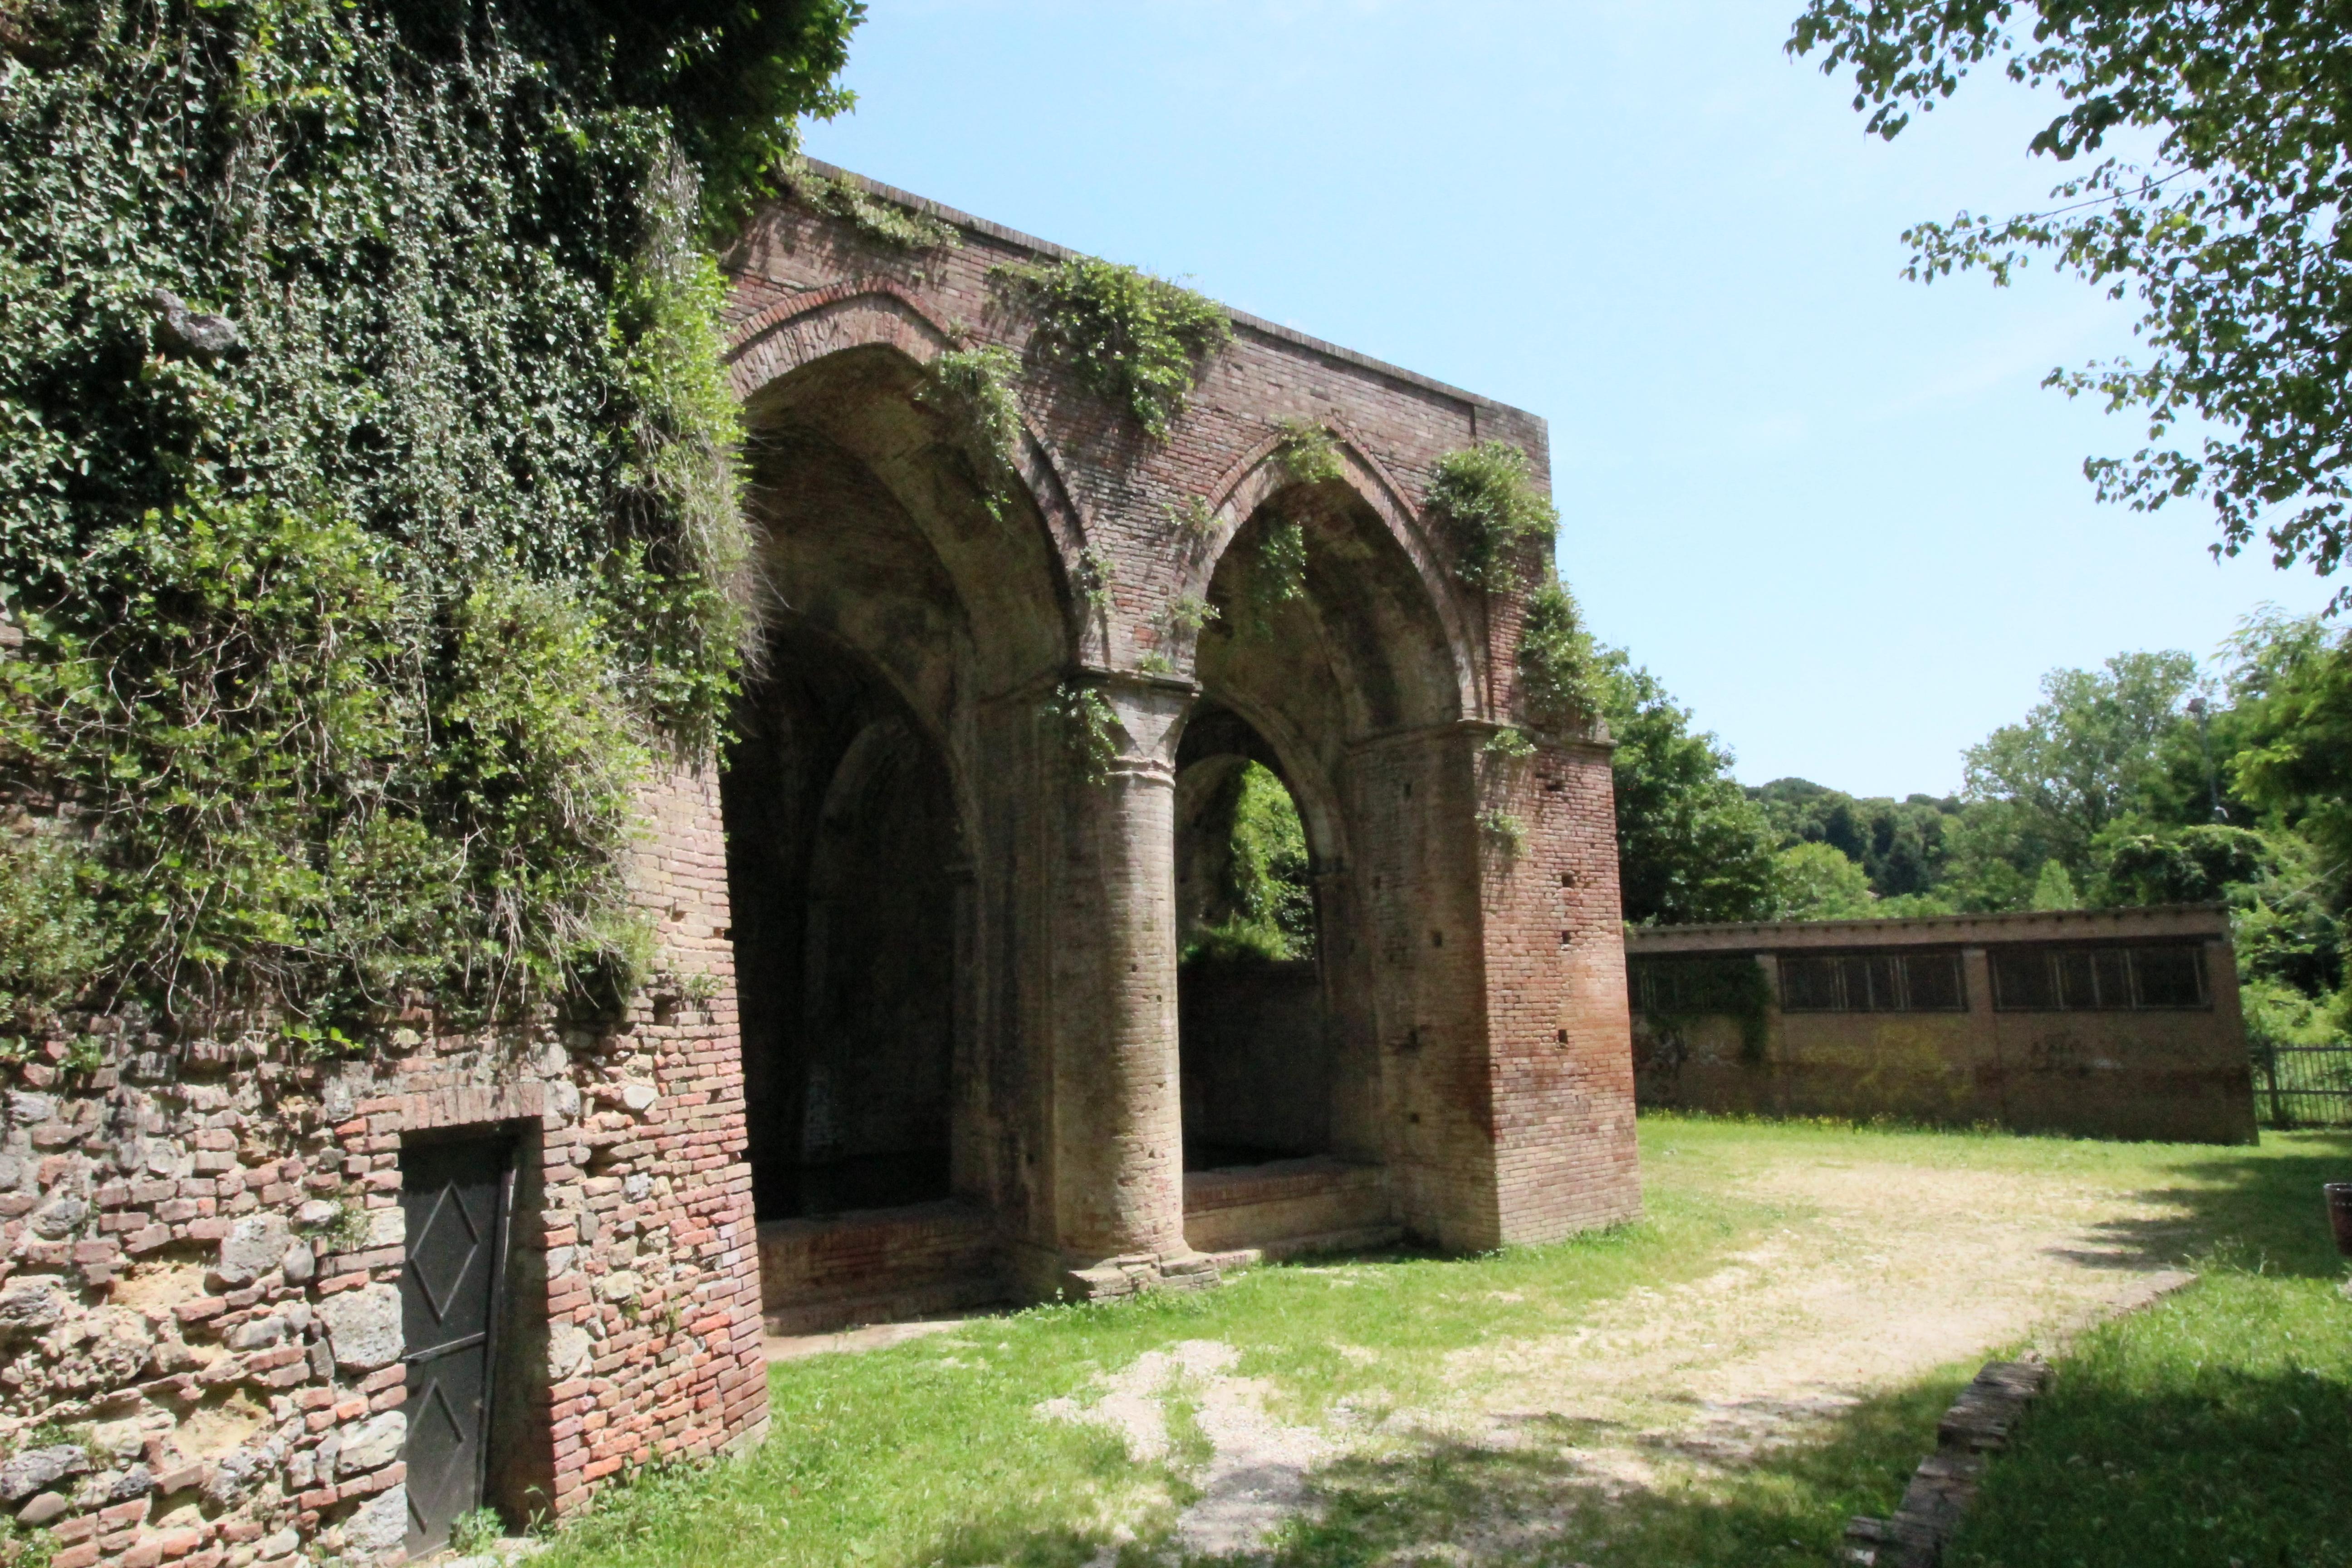 Fonte d'Ovile, Siena